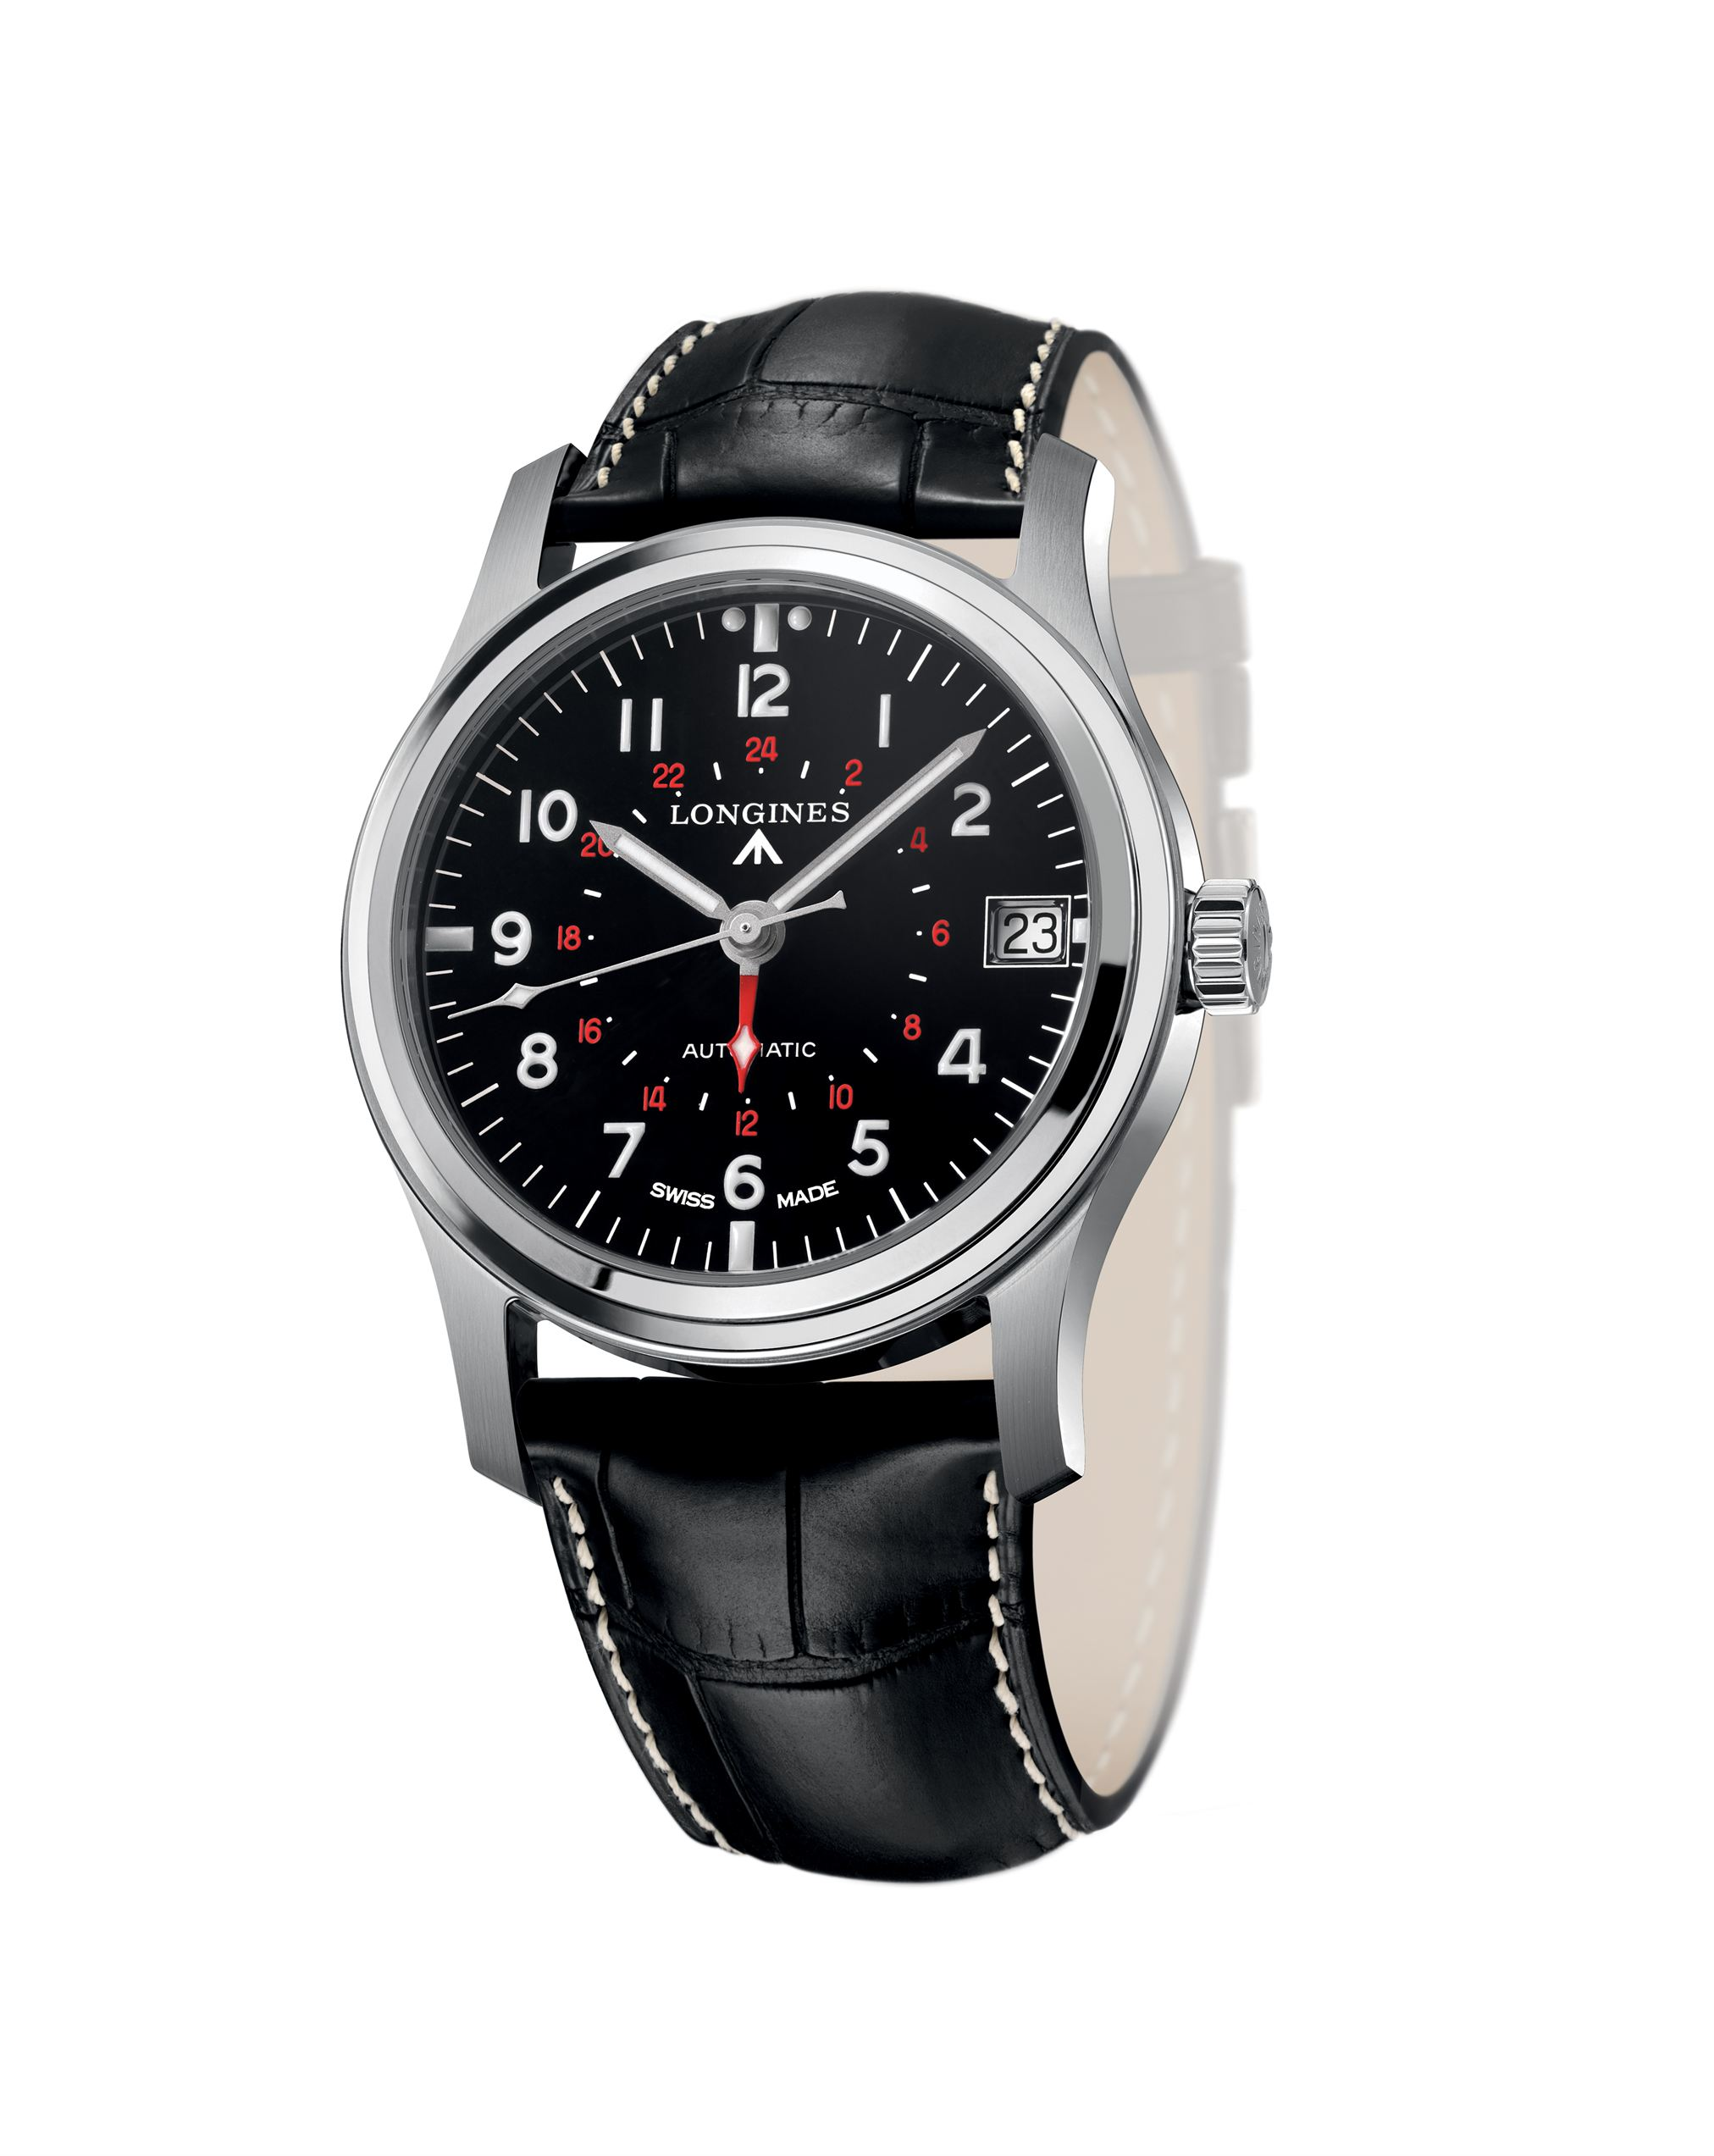 航空時計の伝統を今に伝えるロンジンのへリテージ コレクション新作_f0039351_16433026.jpg